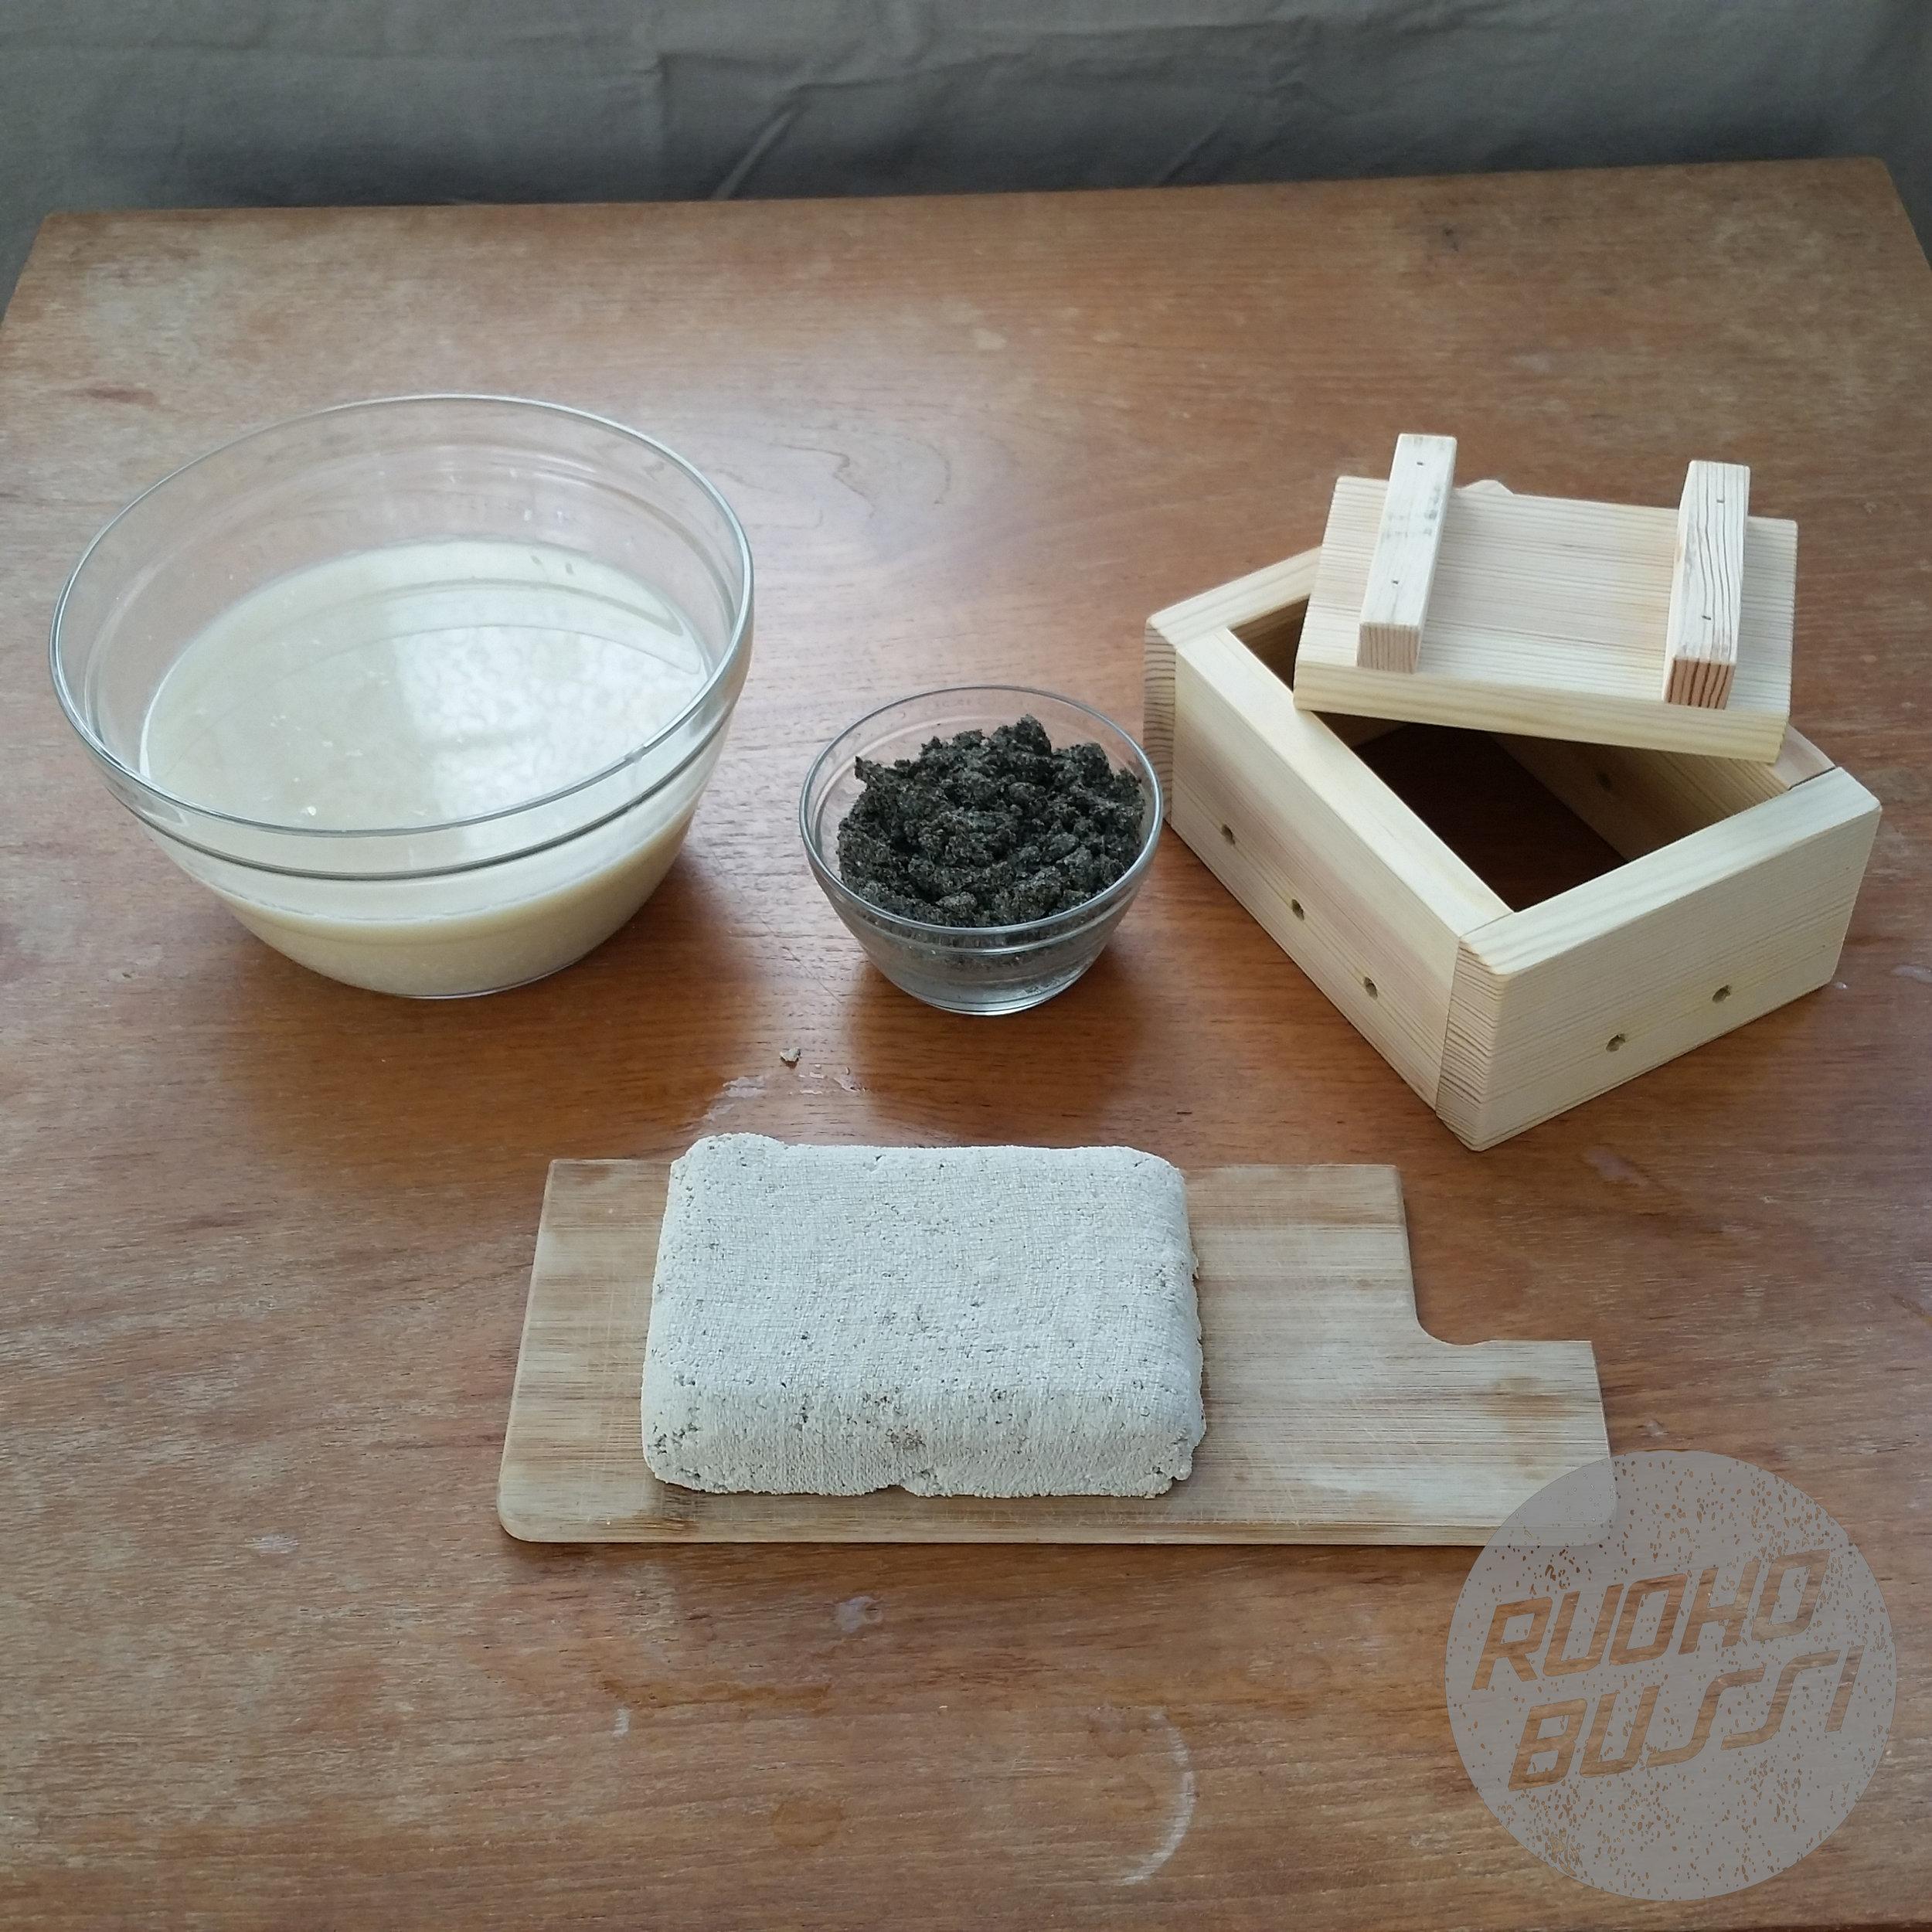 Valmis! - Kun hefu on ollut laatikossa painon alla halutun aikaa, nosta kansi ja laatikon reunat, poista juustokangas ja annan hefun vetäytyä vielä hetki.Nyt sinulla on noin puolikiloa valmista hefua syötäväksi sellaisenaan, kuorimassaa hummukseen ja sämpylöihin sekä heraa keittopohjaksi.